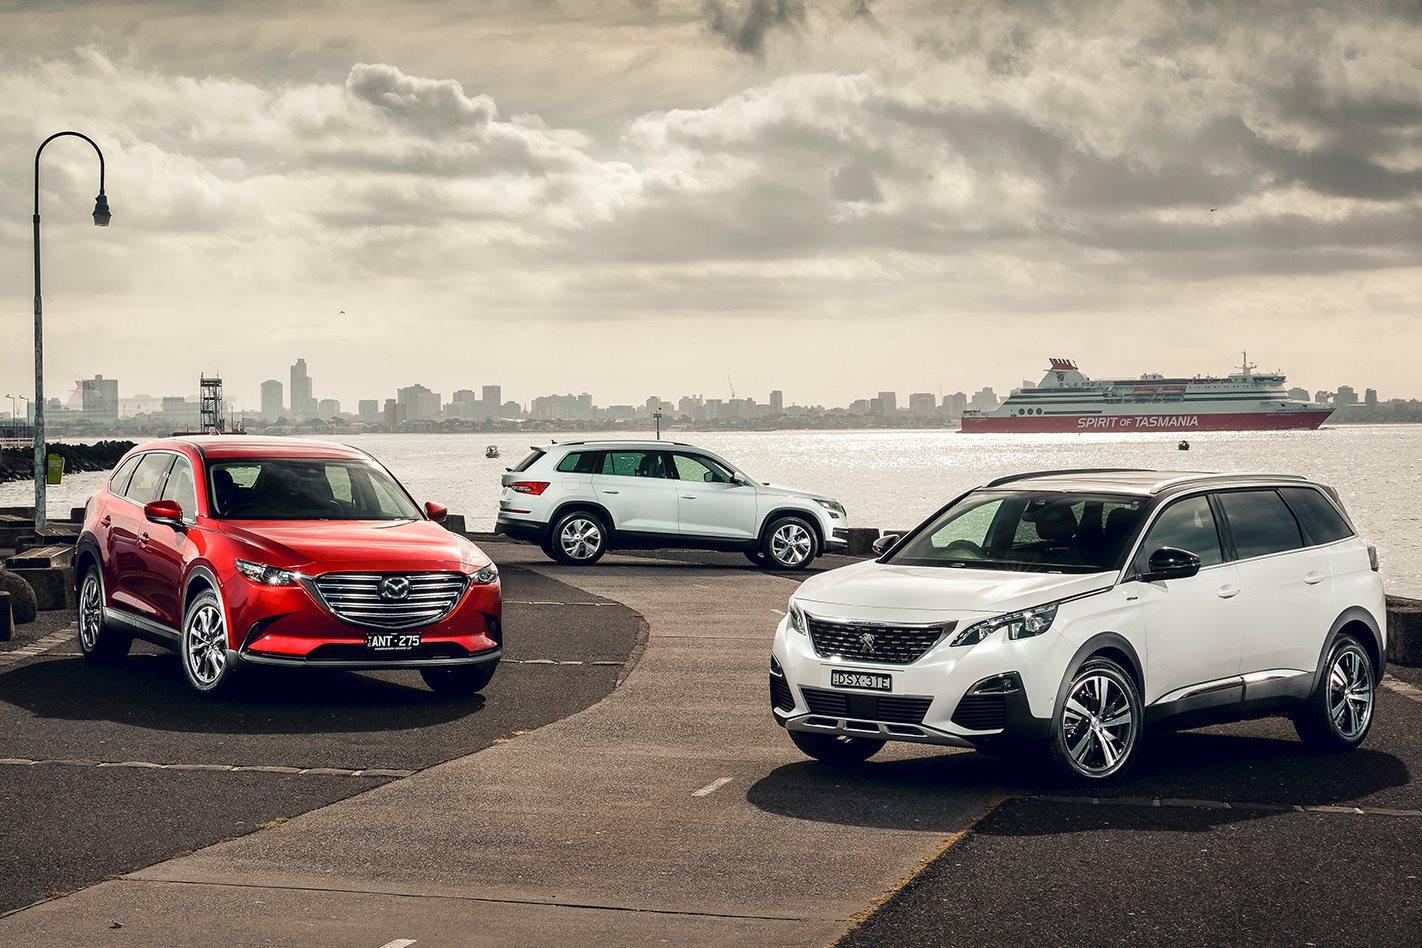 Mazda cx 9 v skoda kodiaq v peugeot 5008 comparison review for Garage mitsubishi paris